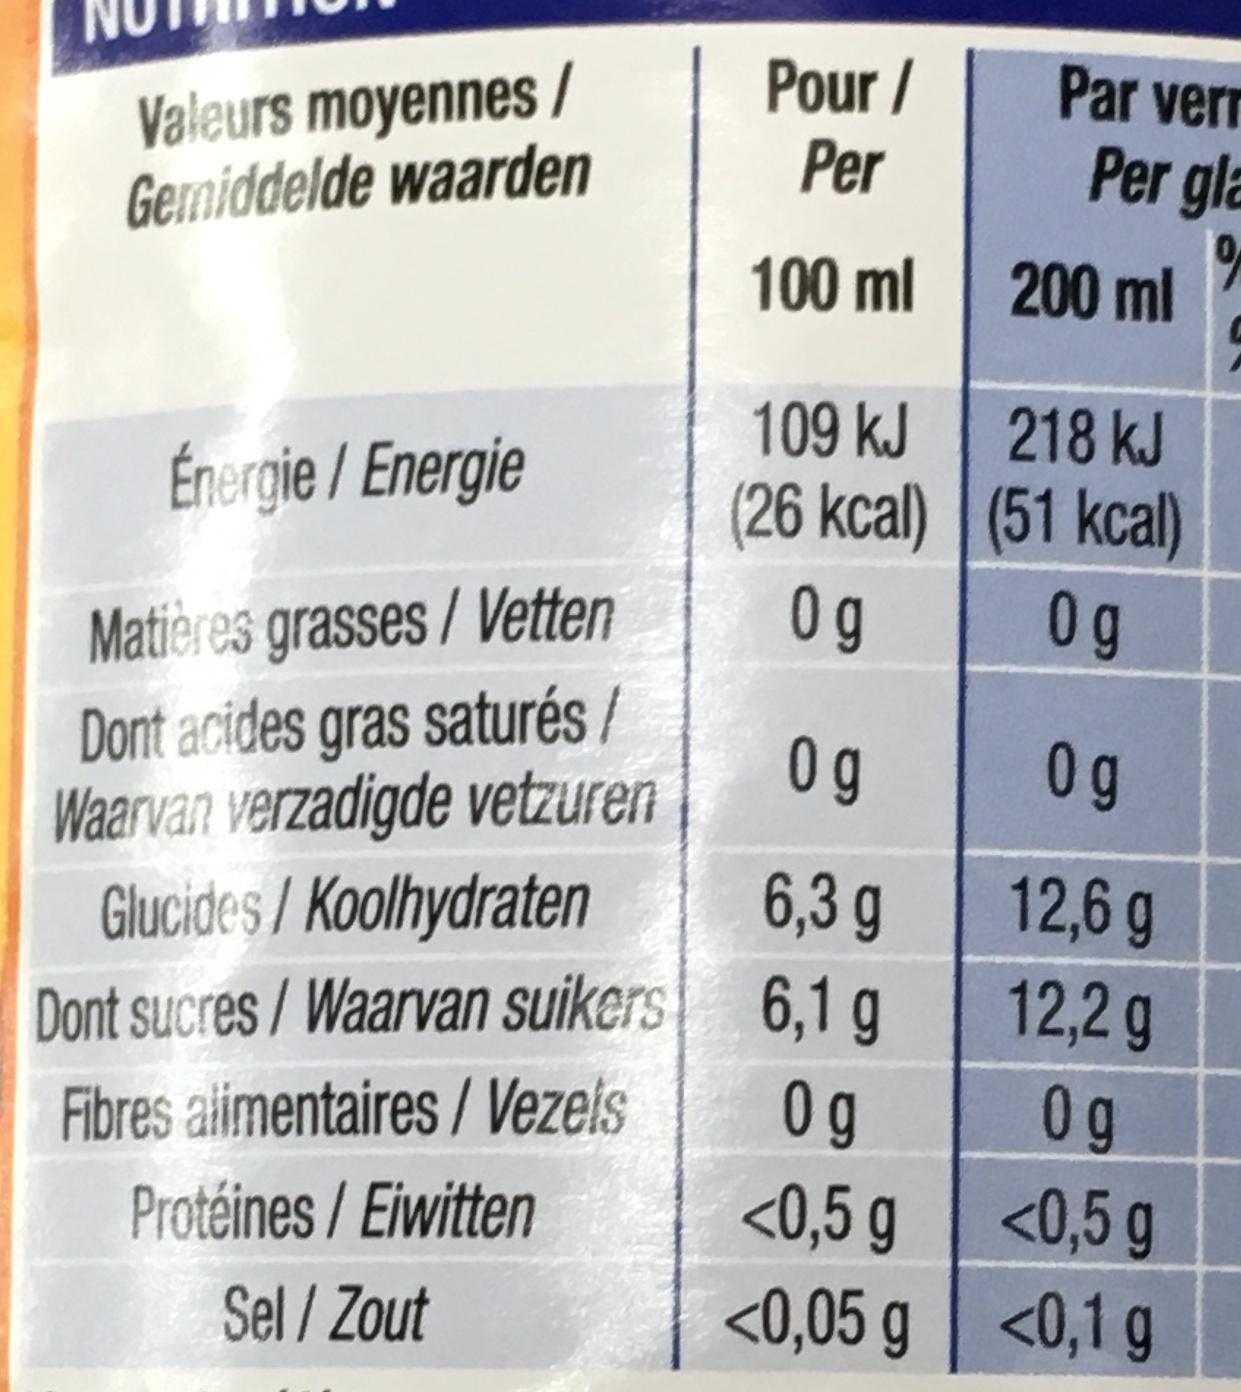 Thé glacé Pêche - Informations nutritionnelles - fr